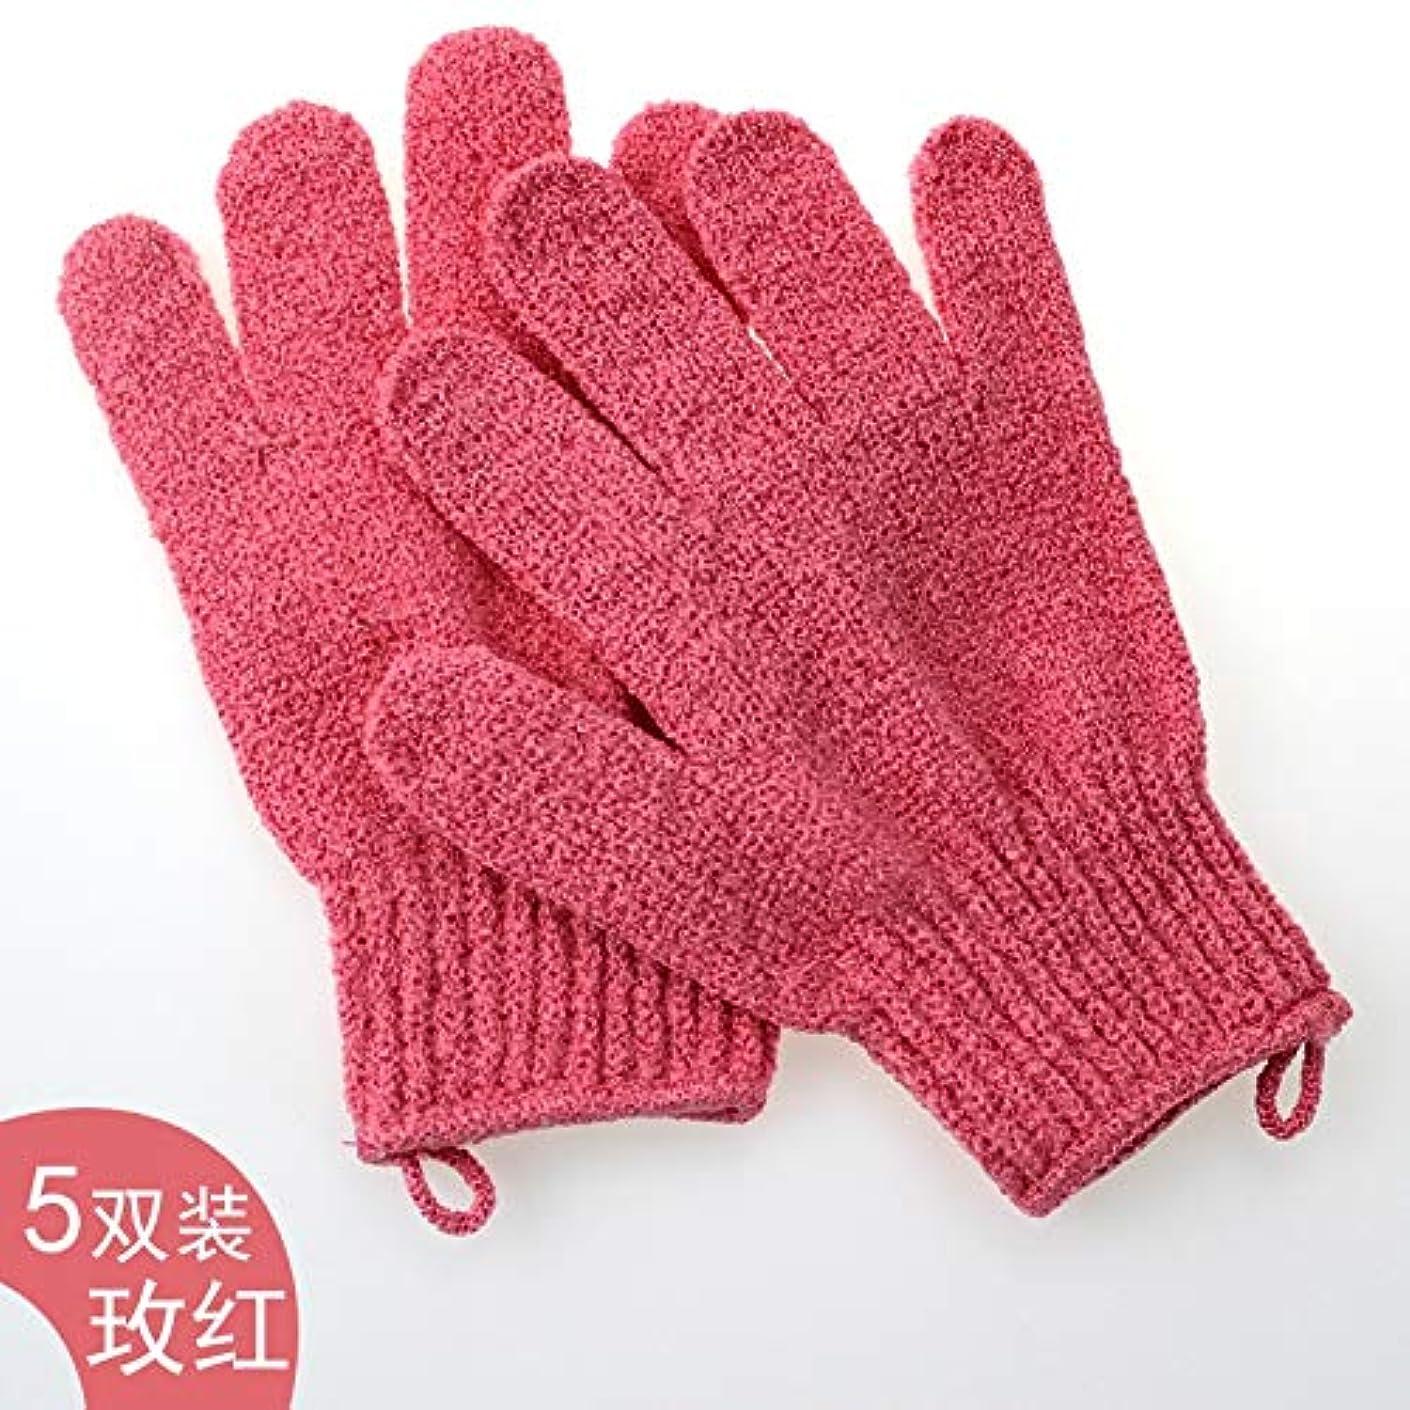 眠る火山学者アンソロジーBTXXYJP お風呂用手袋 シャワー手袋 あかすり ボディタオル ボディブラシ やわらか バス用品 男女兼用 角質除去 (Color : Red)